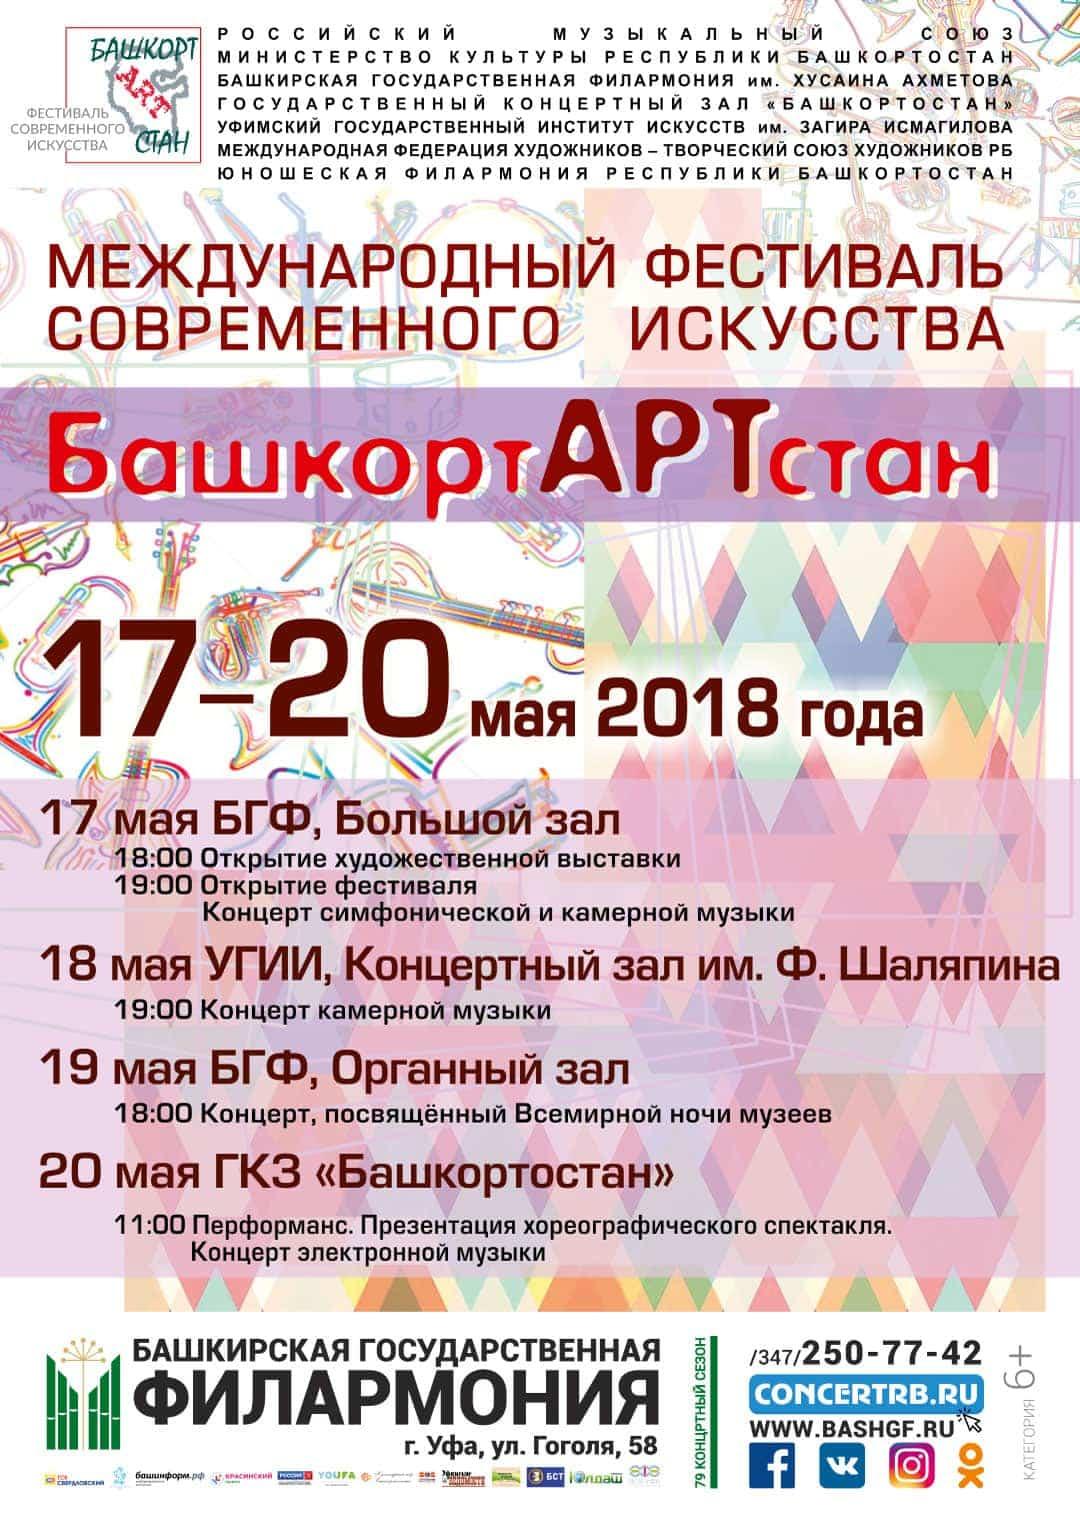 """Международный фестиваль современного искусства """"БашкортARTстан"""""""